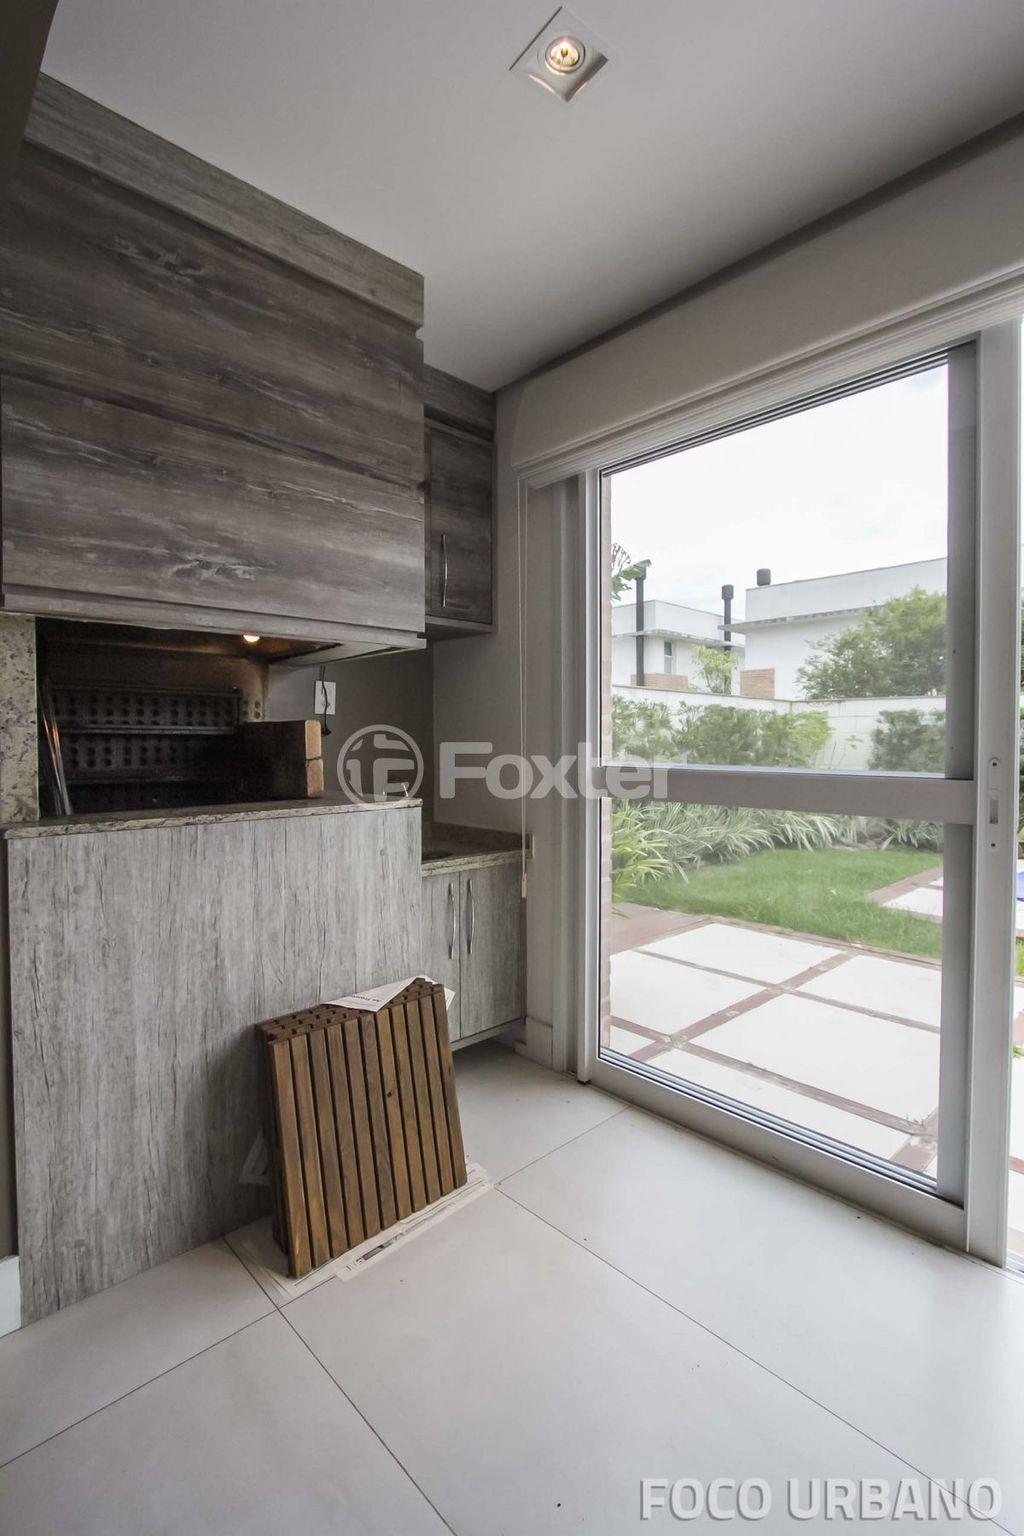 Foxter Imobiliária - Casa 3 Dorm, Agronomia - Foto 21